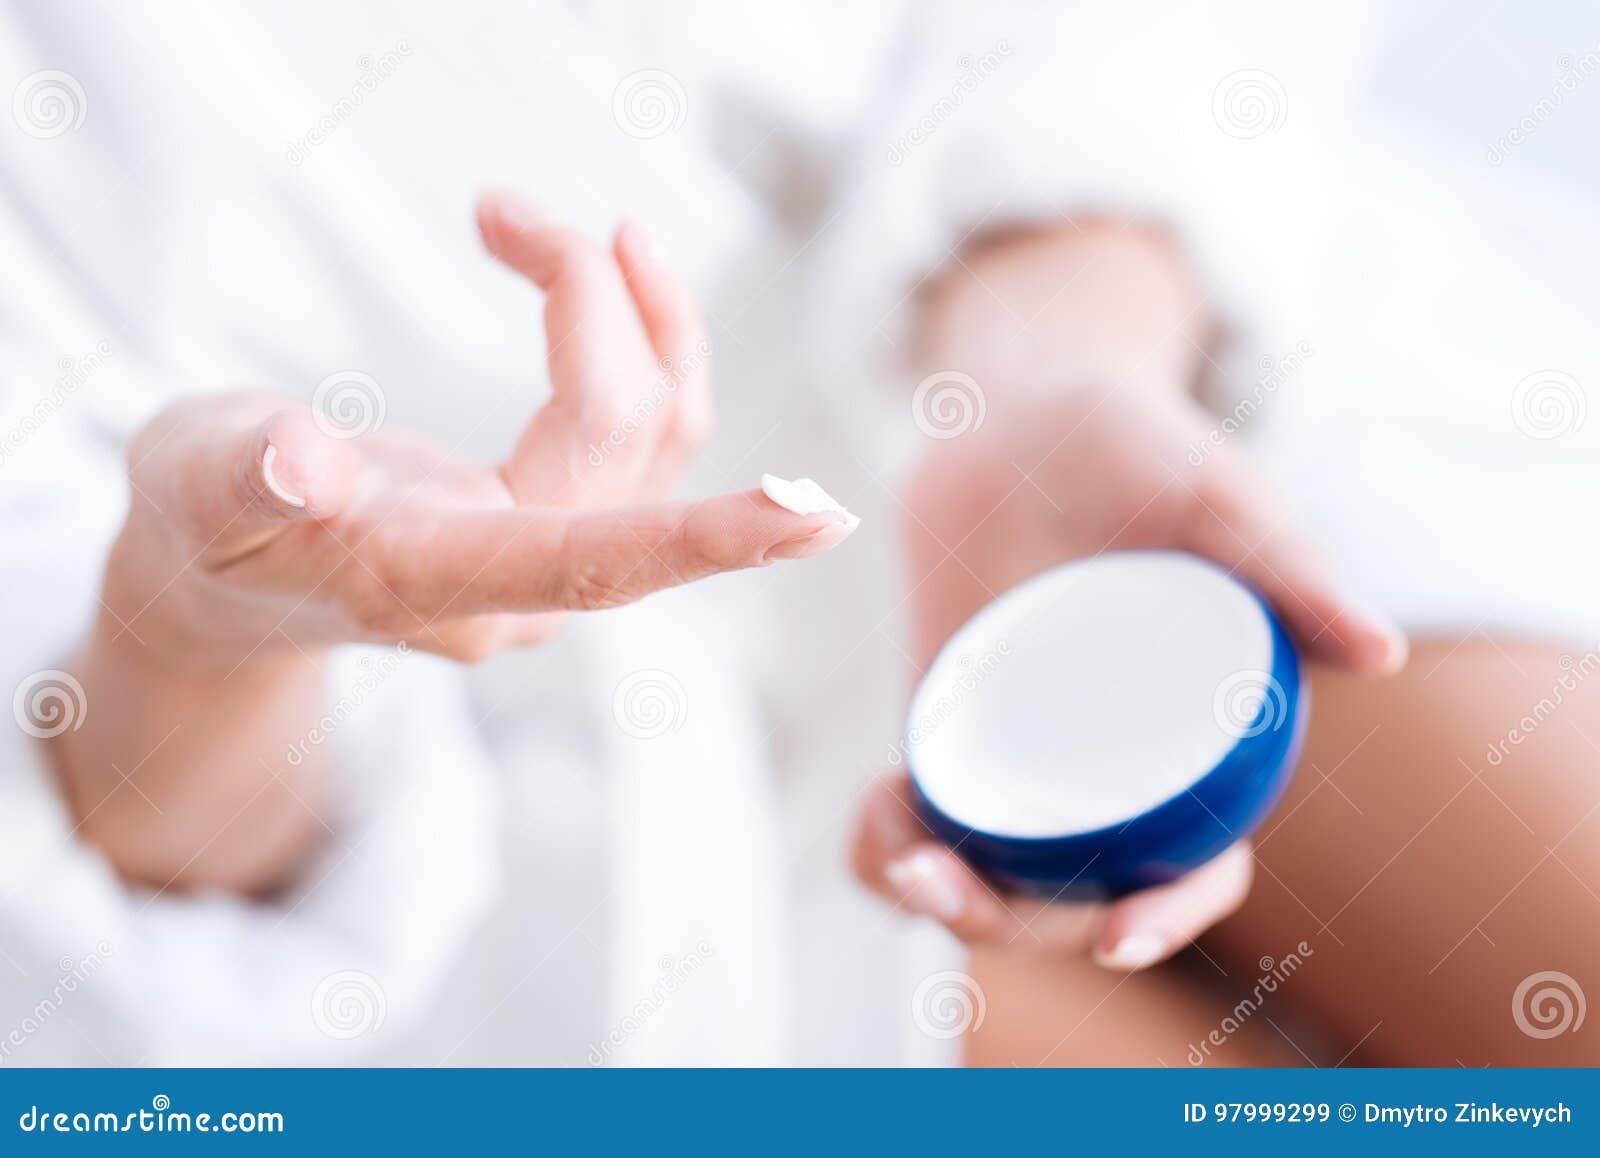 Foto enfocada en el finger femenino esa crema de la prueba